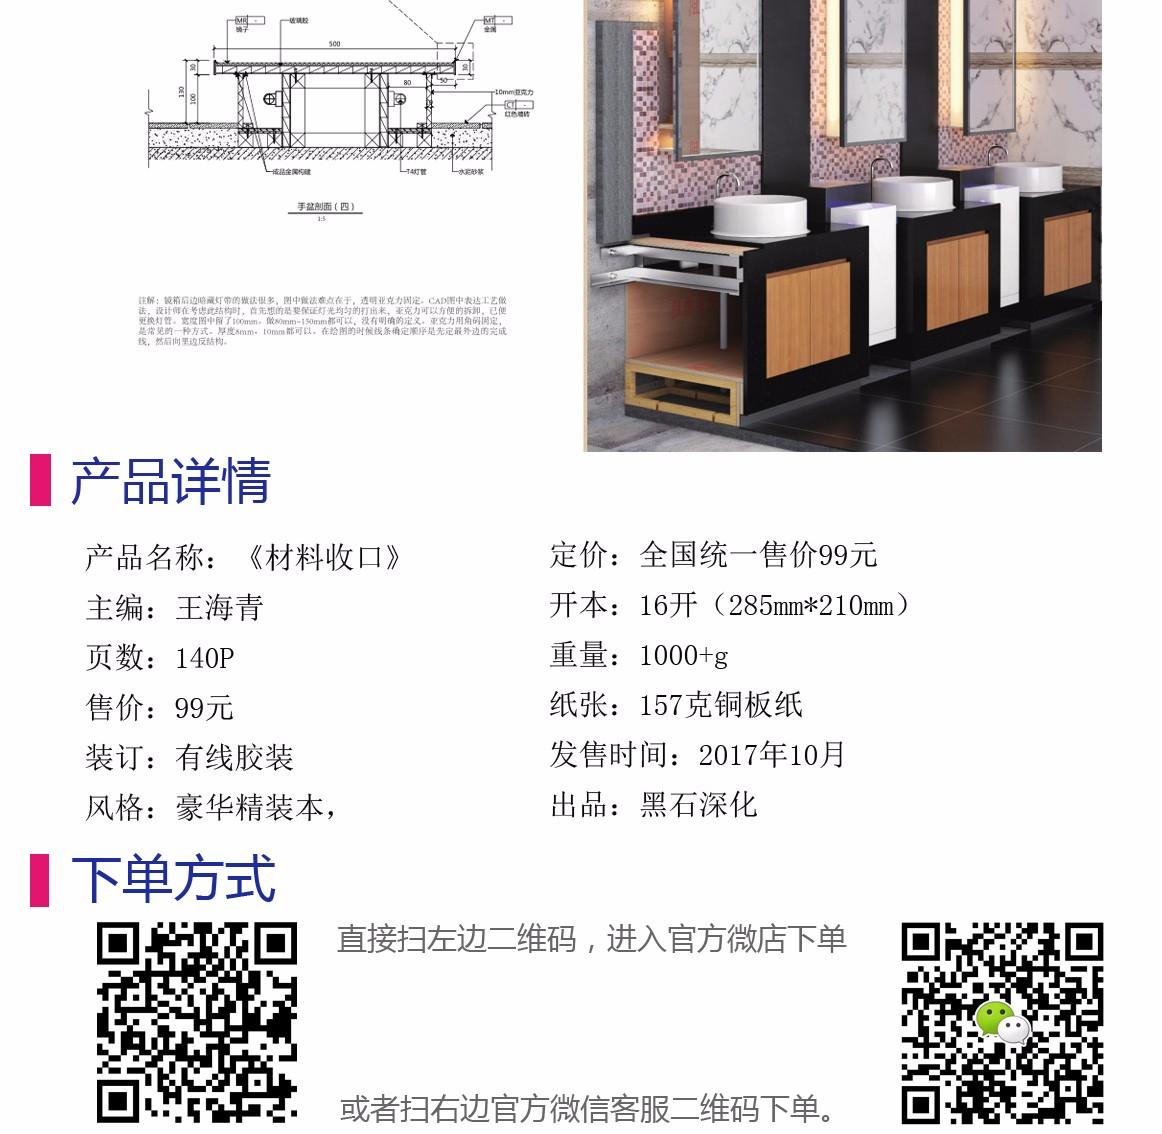 材料收口_15-1.jpg